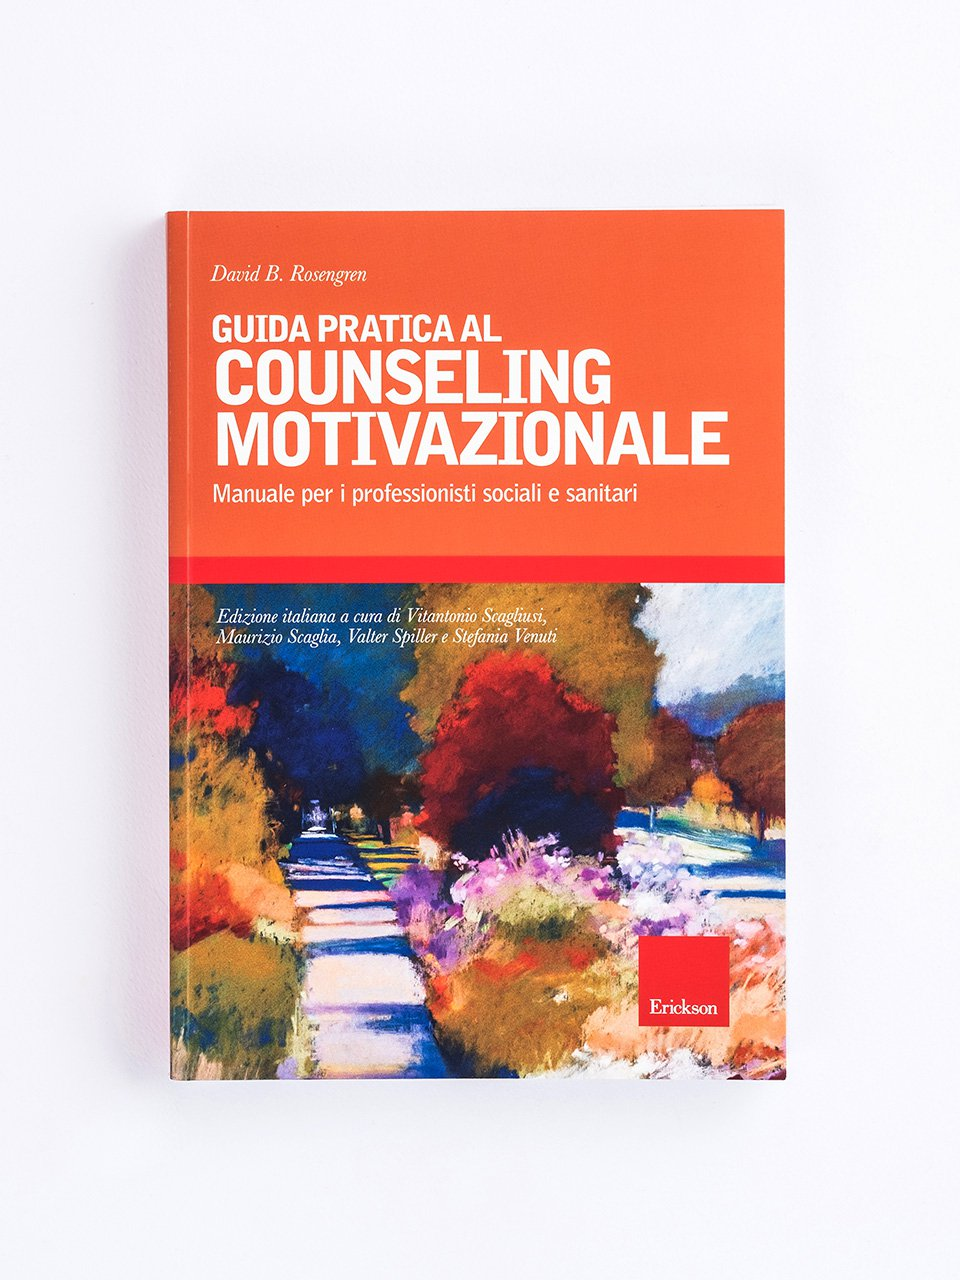 Guida pratica al counseling motivazionale - Generazione Cloud - Libri - Erickson